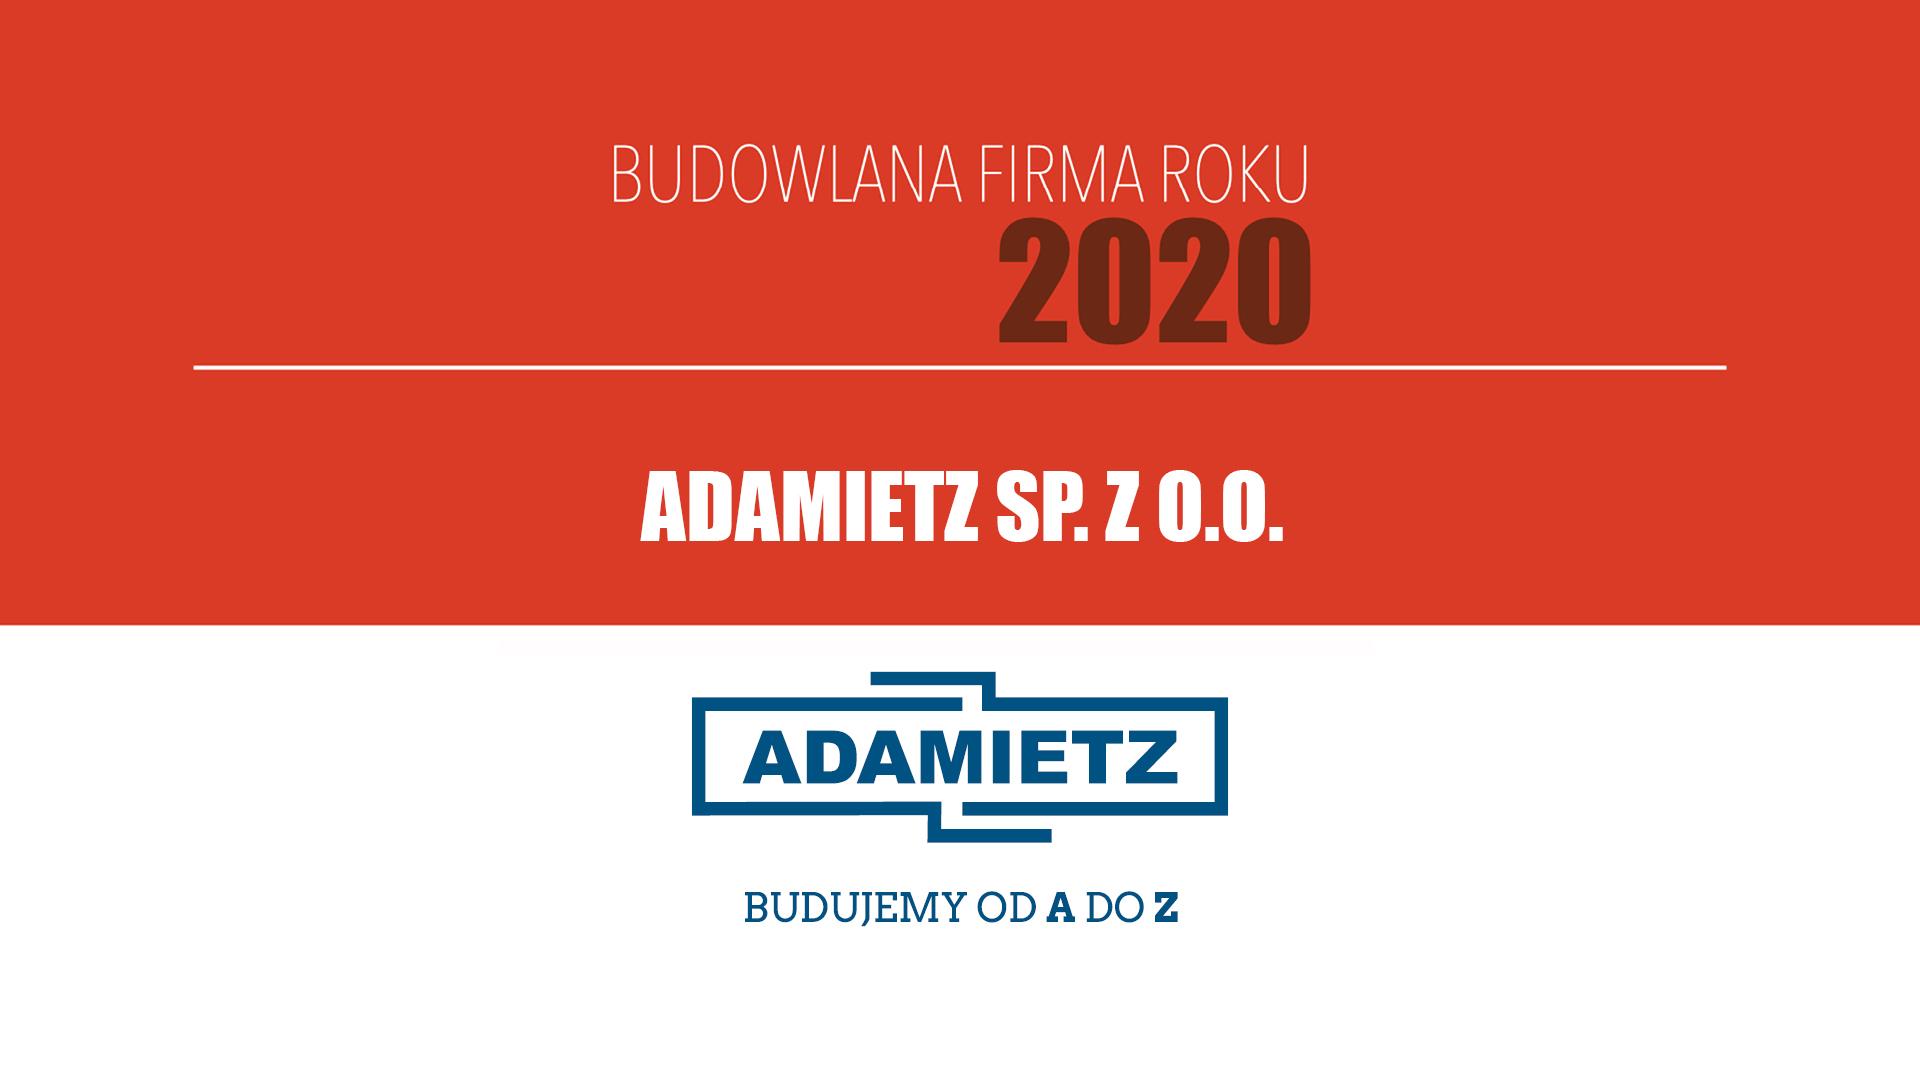 ADAMIETZ SP. Z O.O. – Budowlana Firma Roku 2020